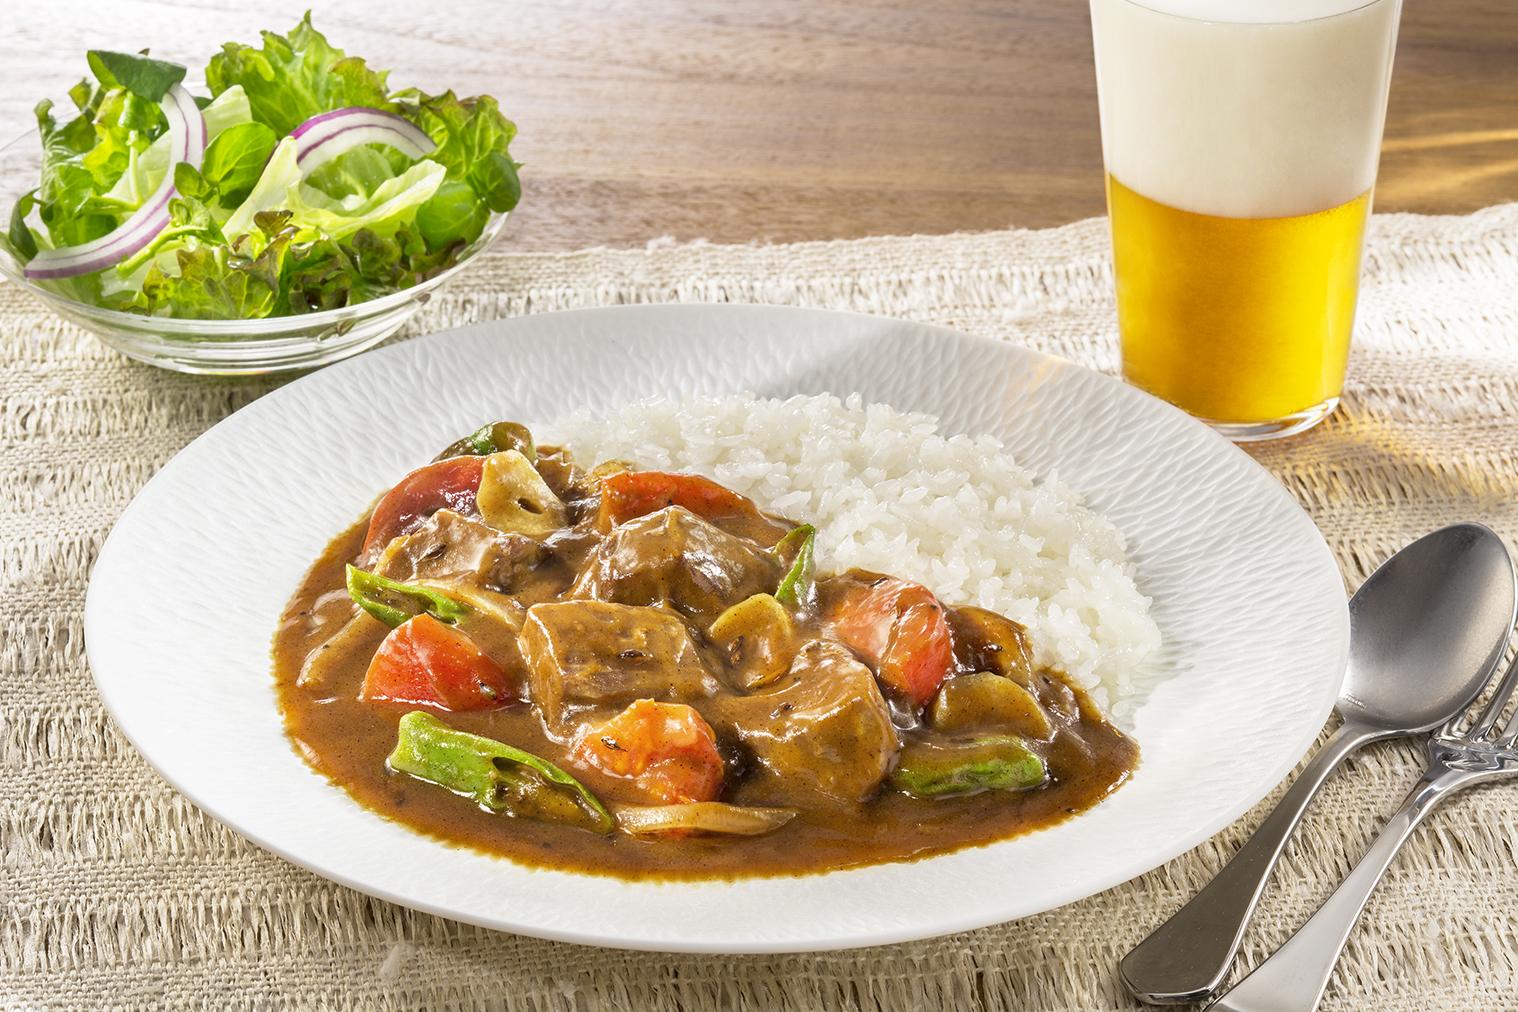 カレー レシピ ジャワ cm 【確実においしい】人気料理研究家さんが公開「サッポロ一番+カレールー」で「カレーラーメン」〆はごはん追加!